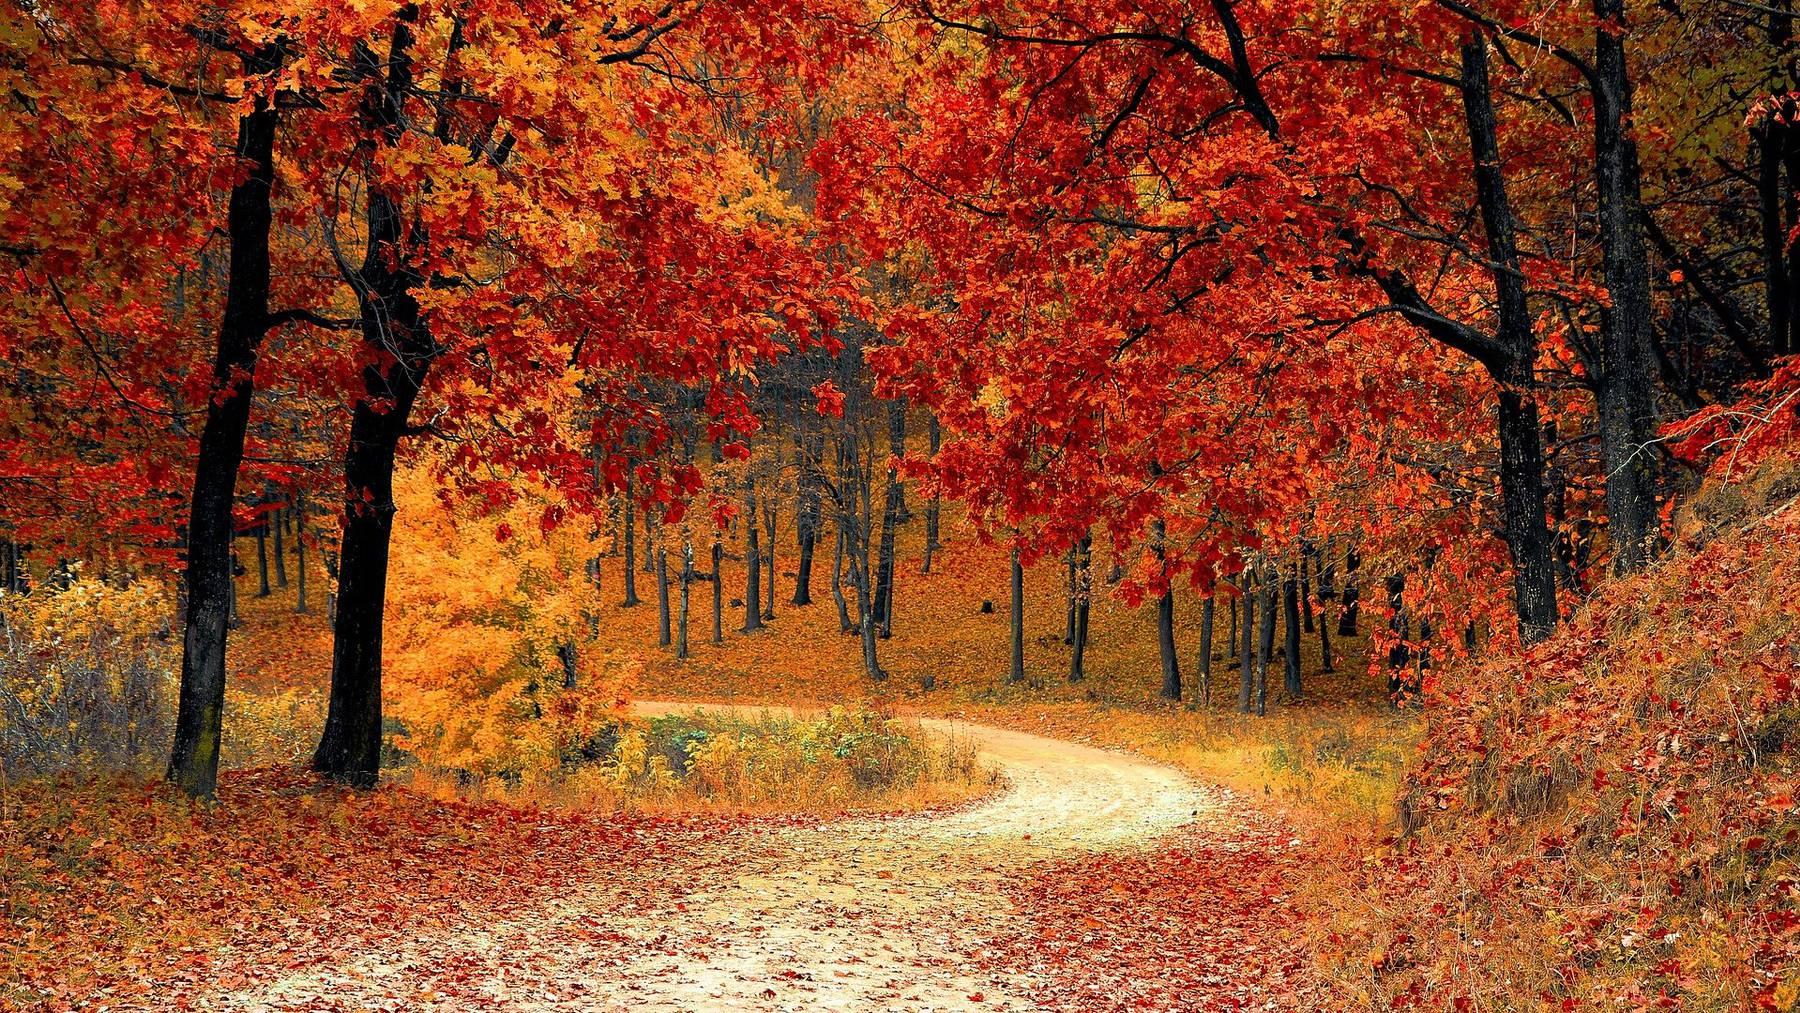 Der Herbst steht vor der Türe.